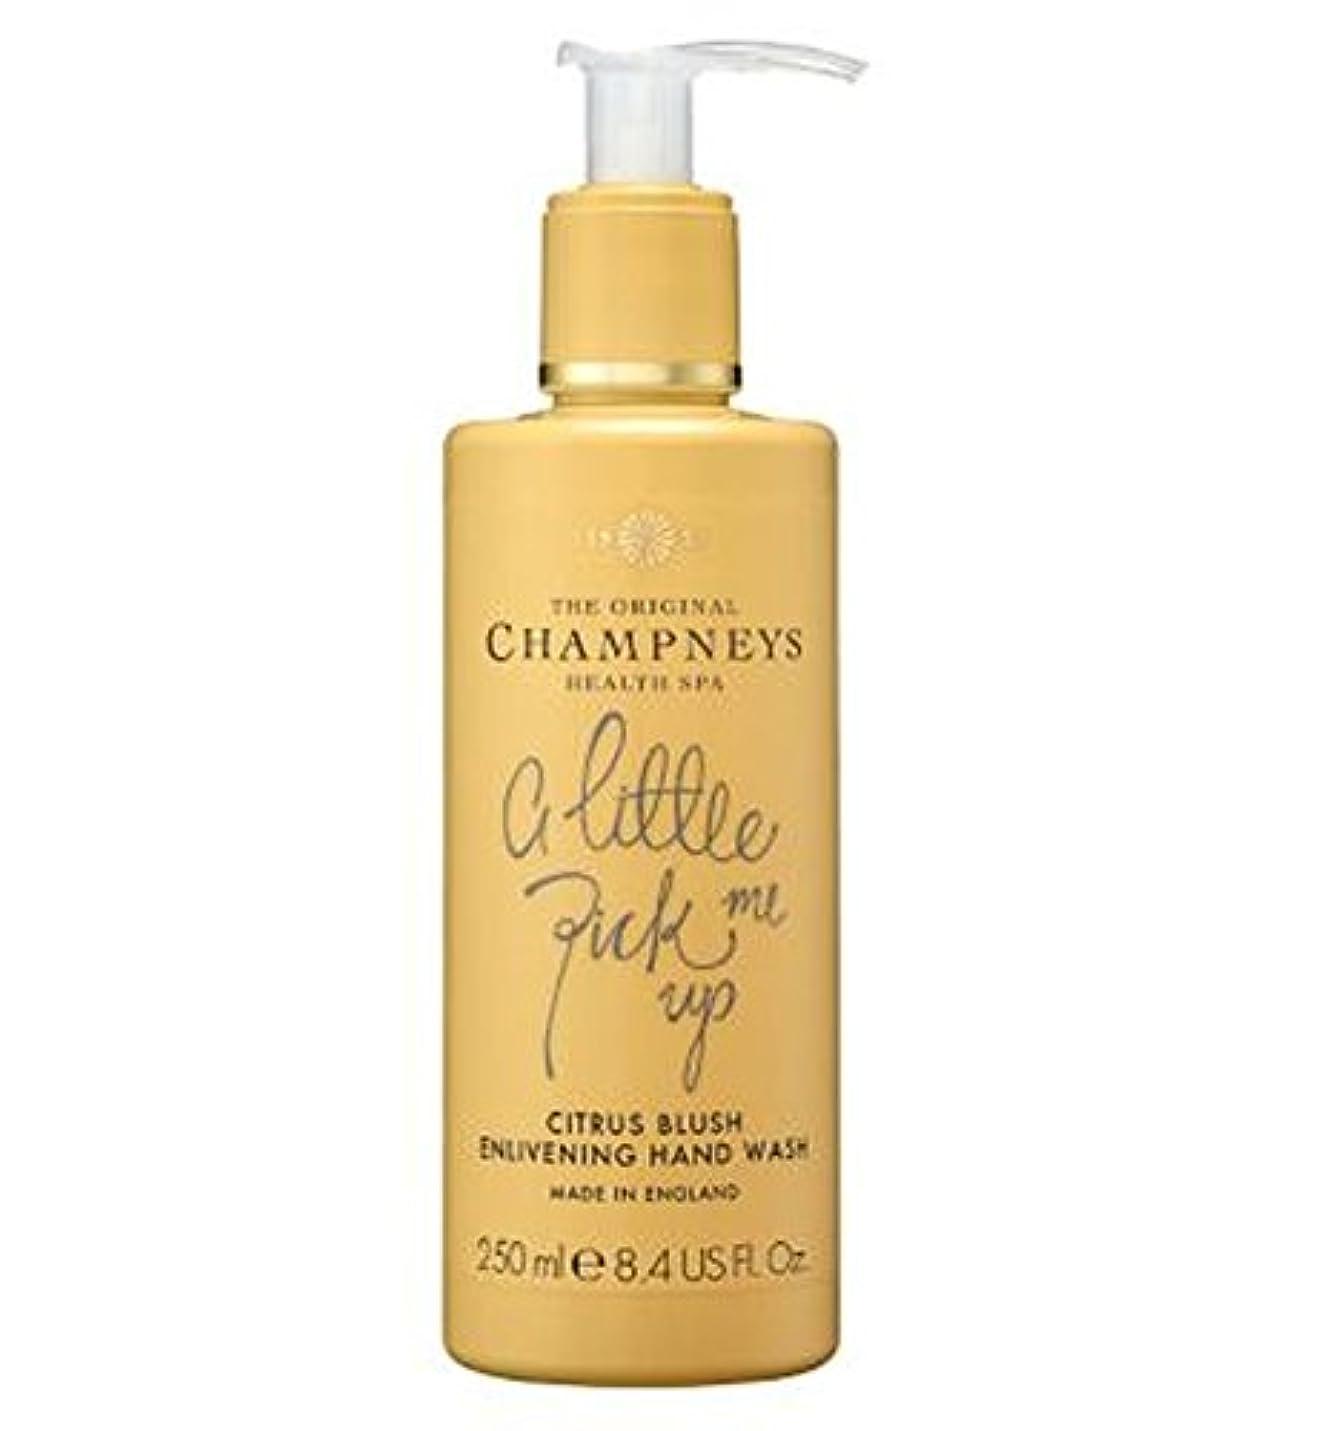 ユーモアアウトドアマージンChampneys Citrus Blush Enlivening Hand Wash 250ml - チャンプニーズシトラス赤面盛り上げハンドウォッシュ250ミリリットル (Champneys) [並行輸入品]